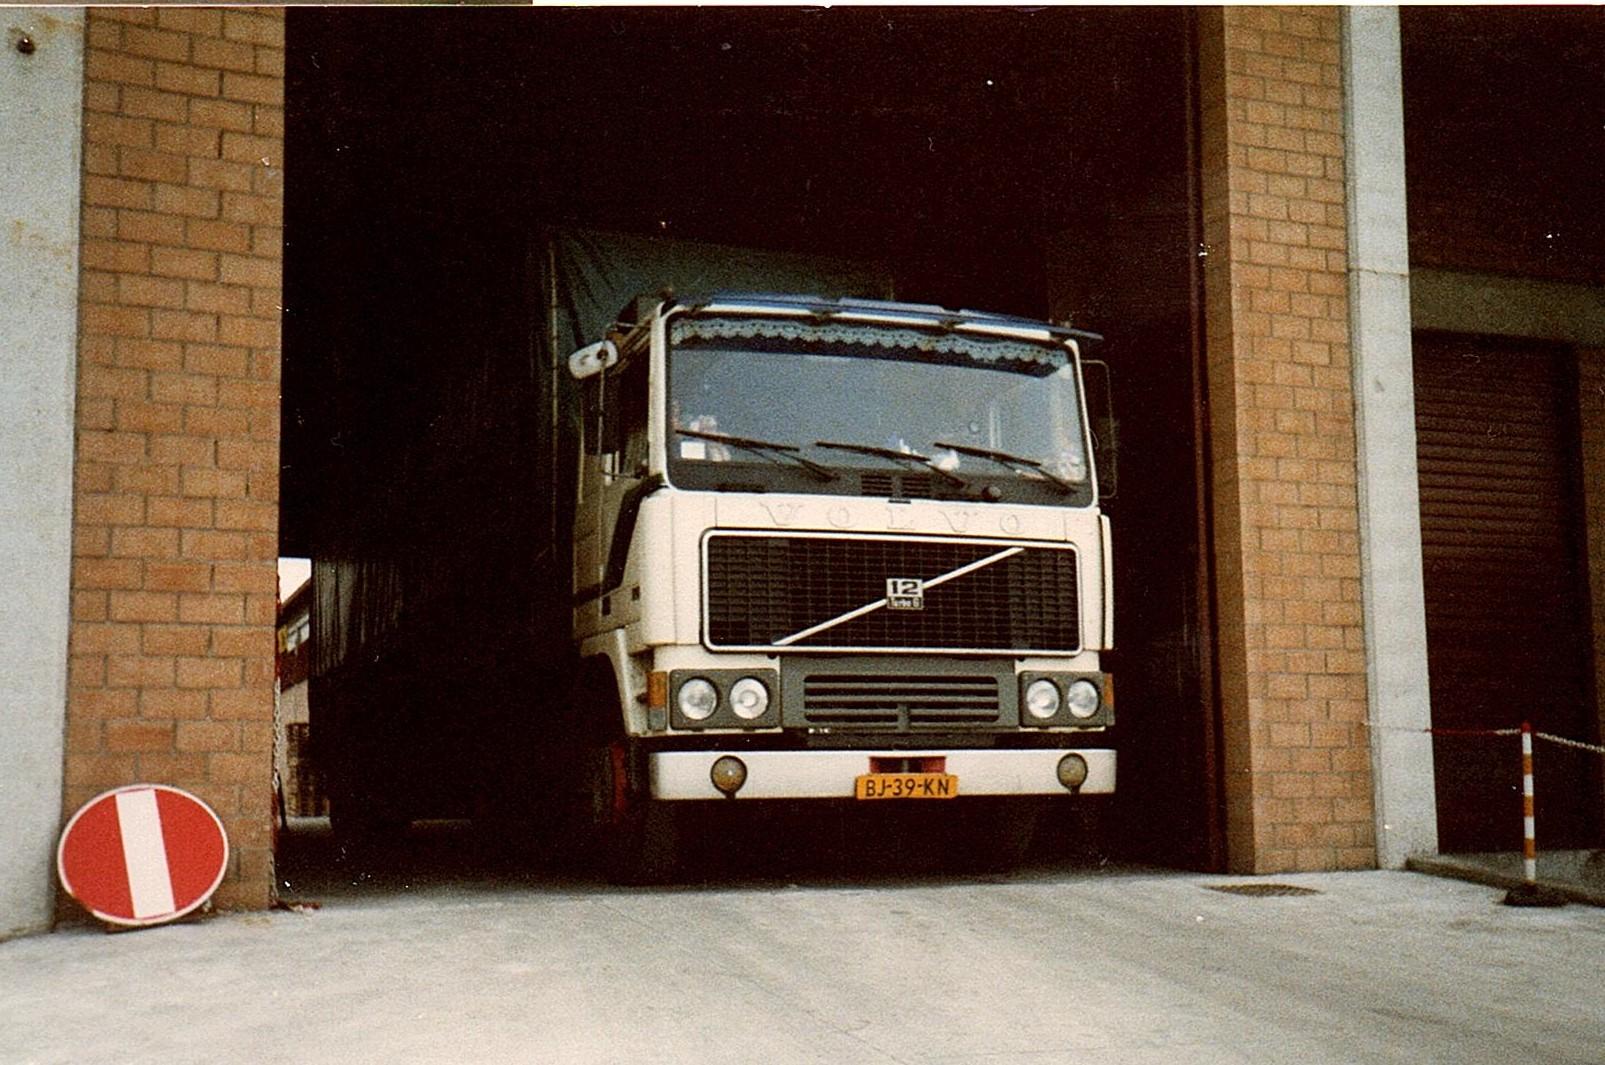 Volvo-F12-met-Bert-Kosemans-onderweg--1